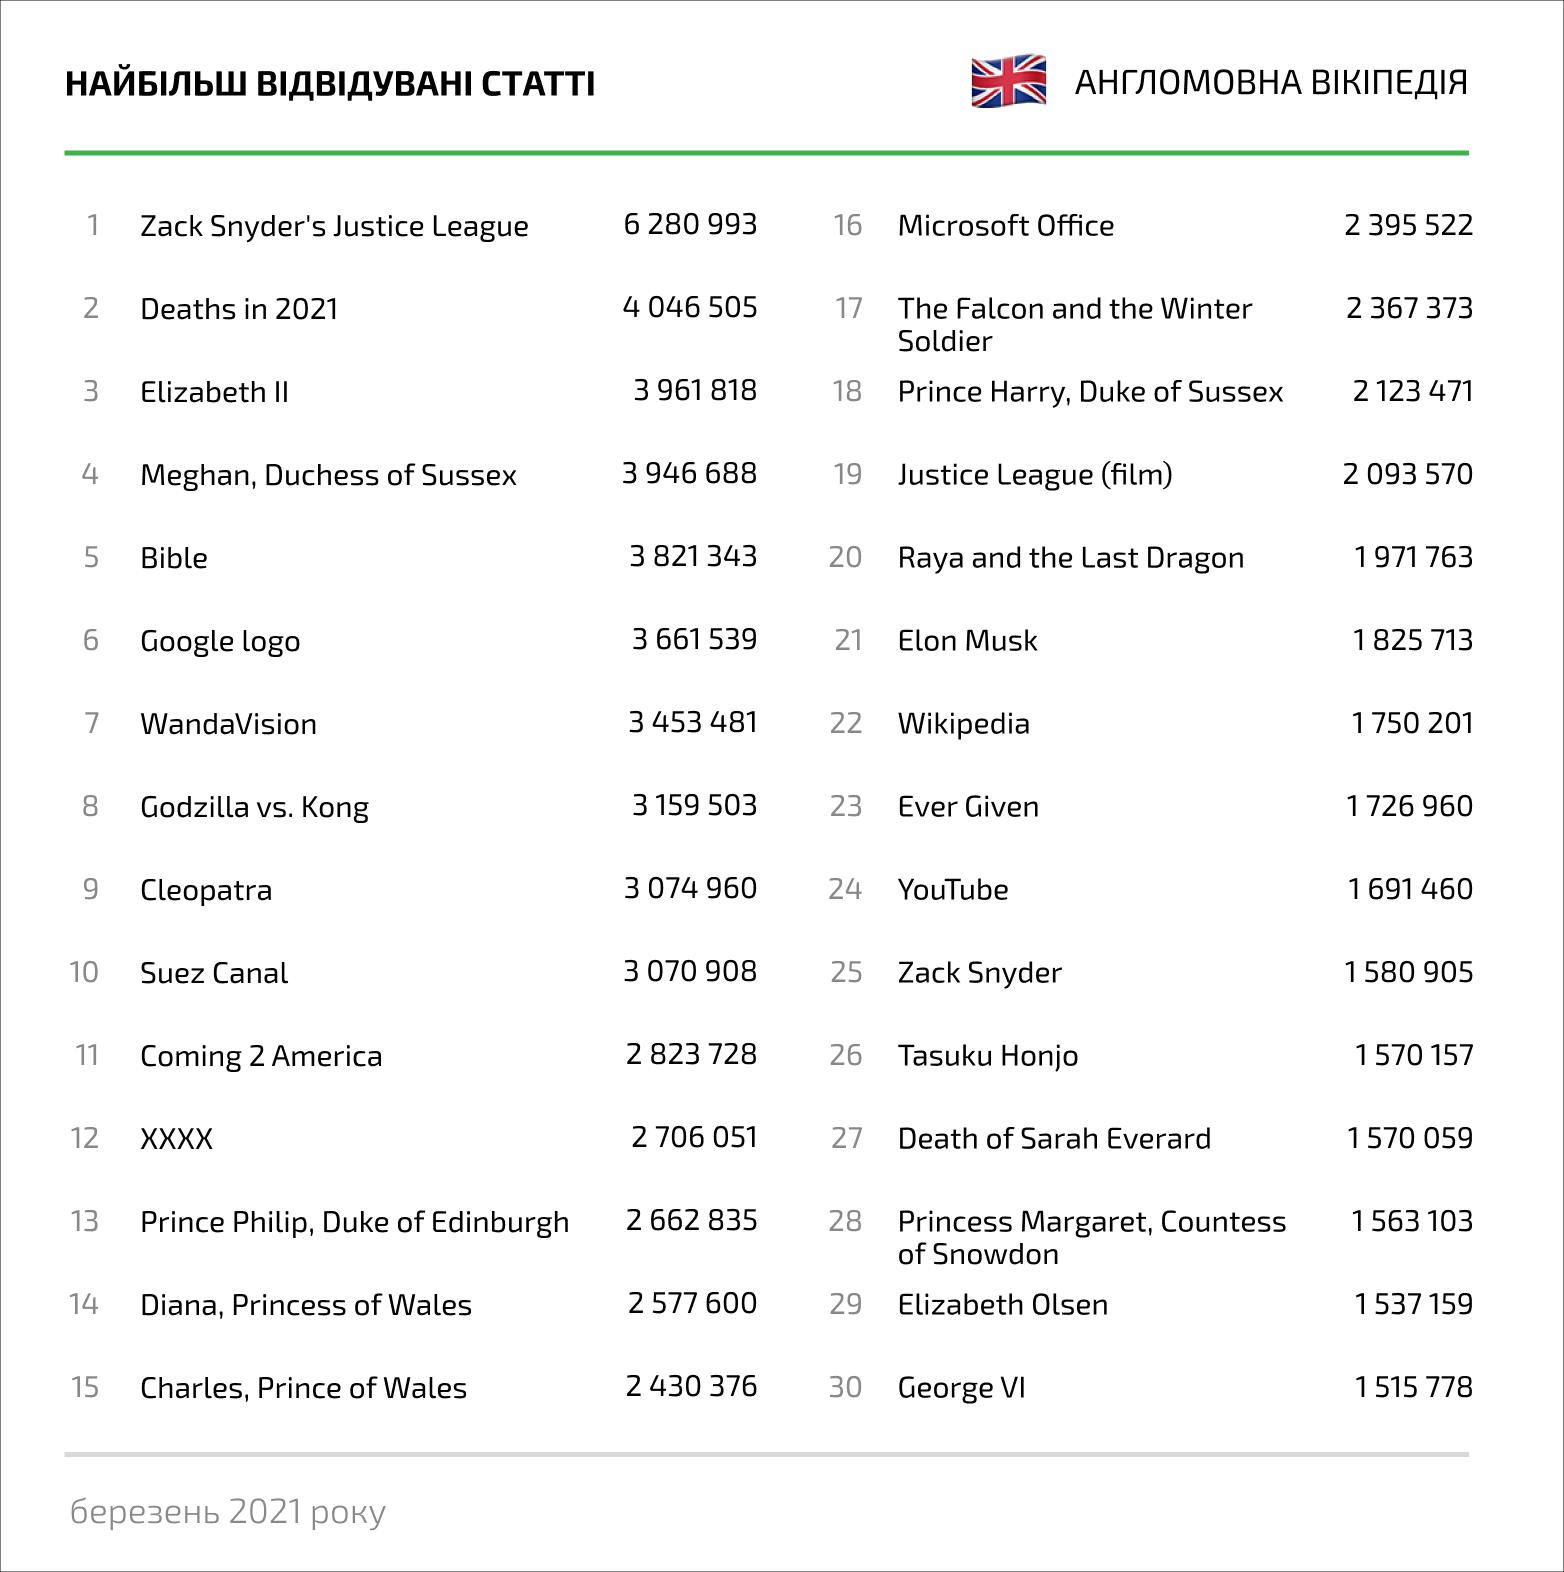 Топ статей за переглядами, березень 2021 року, англомовна Вікіпедія